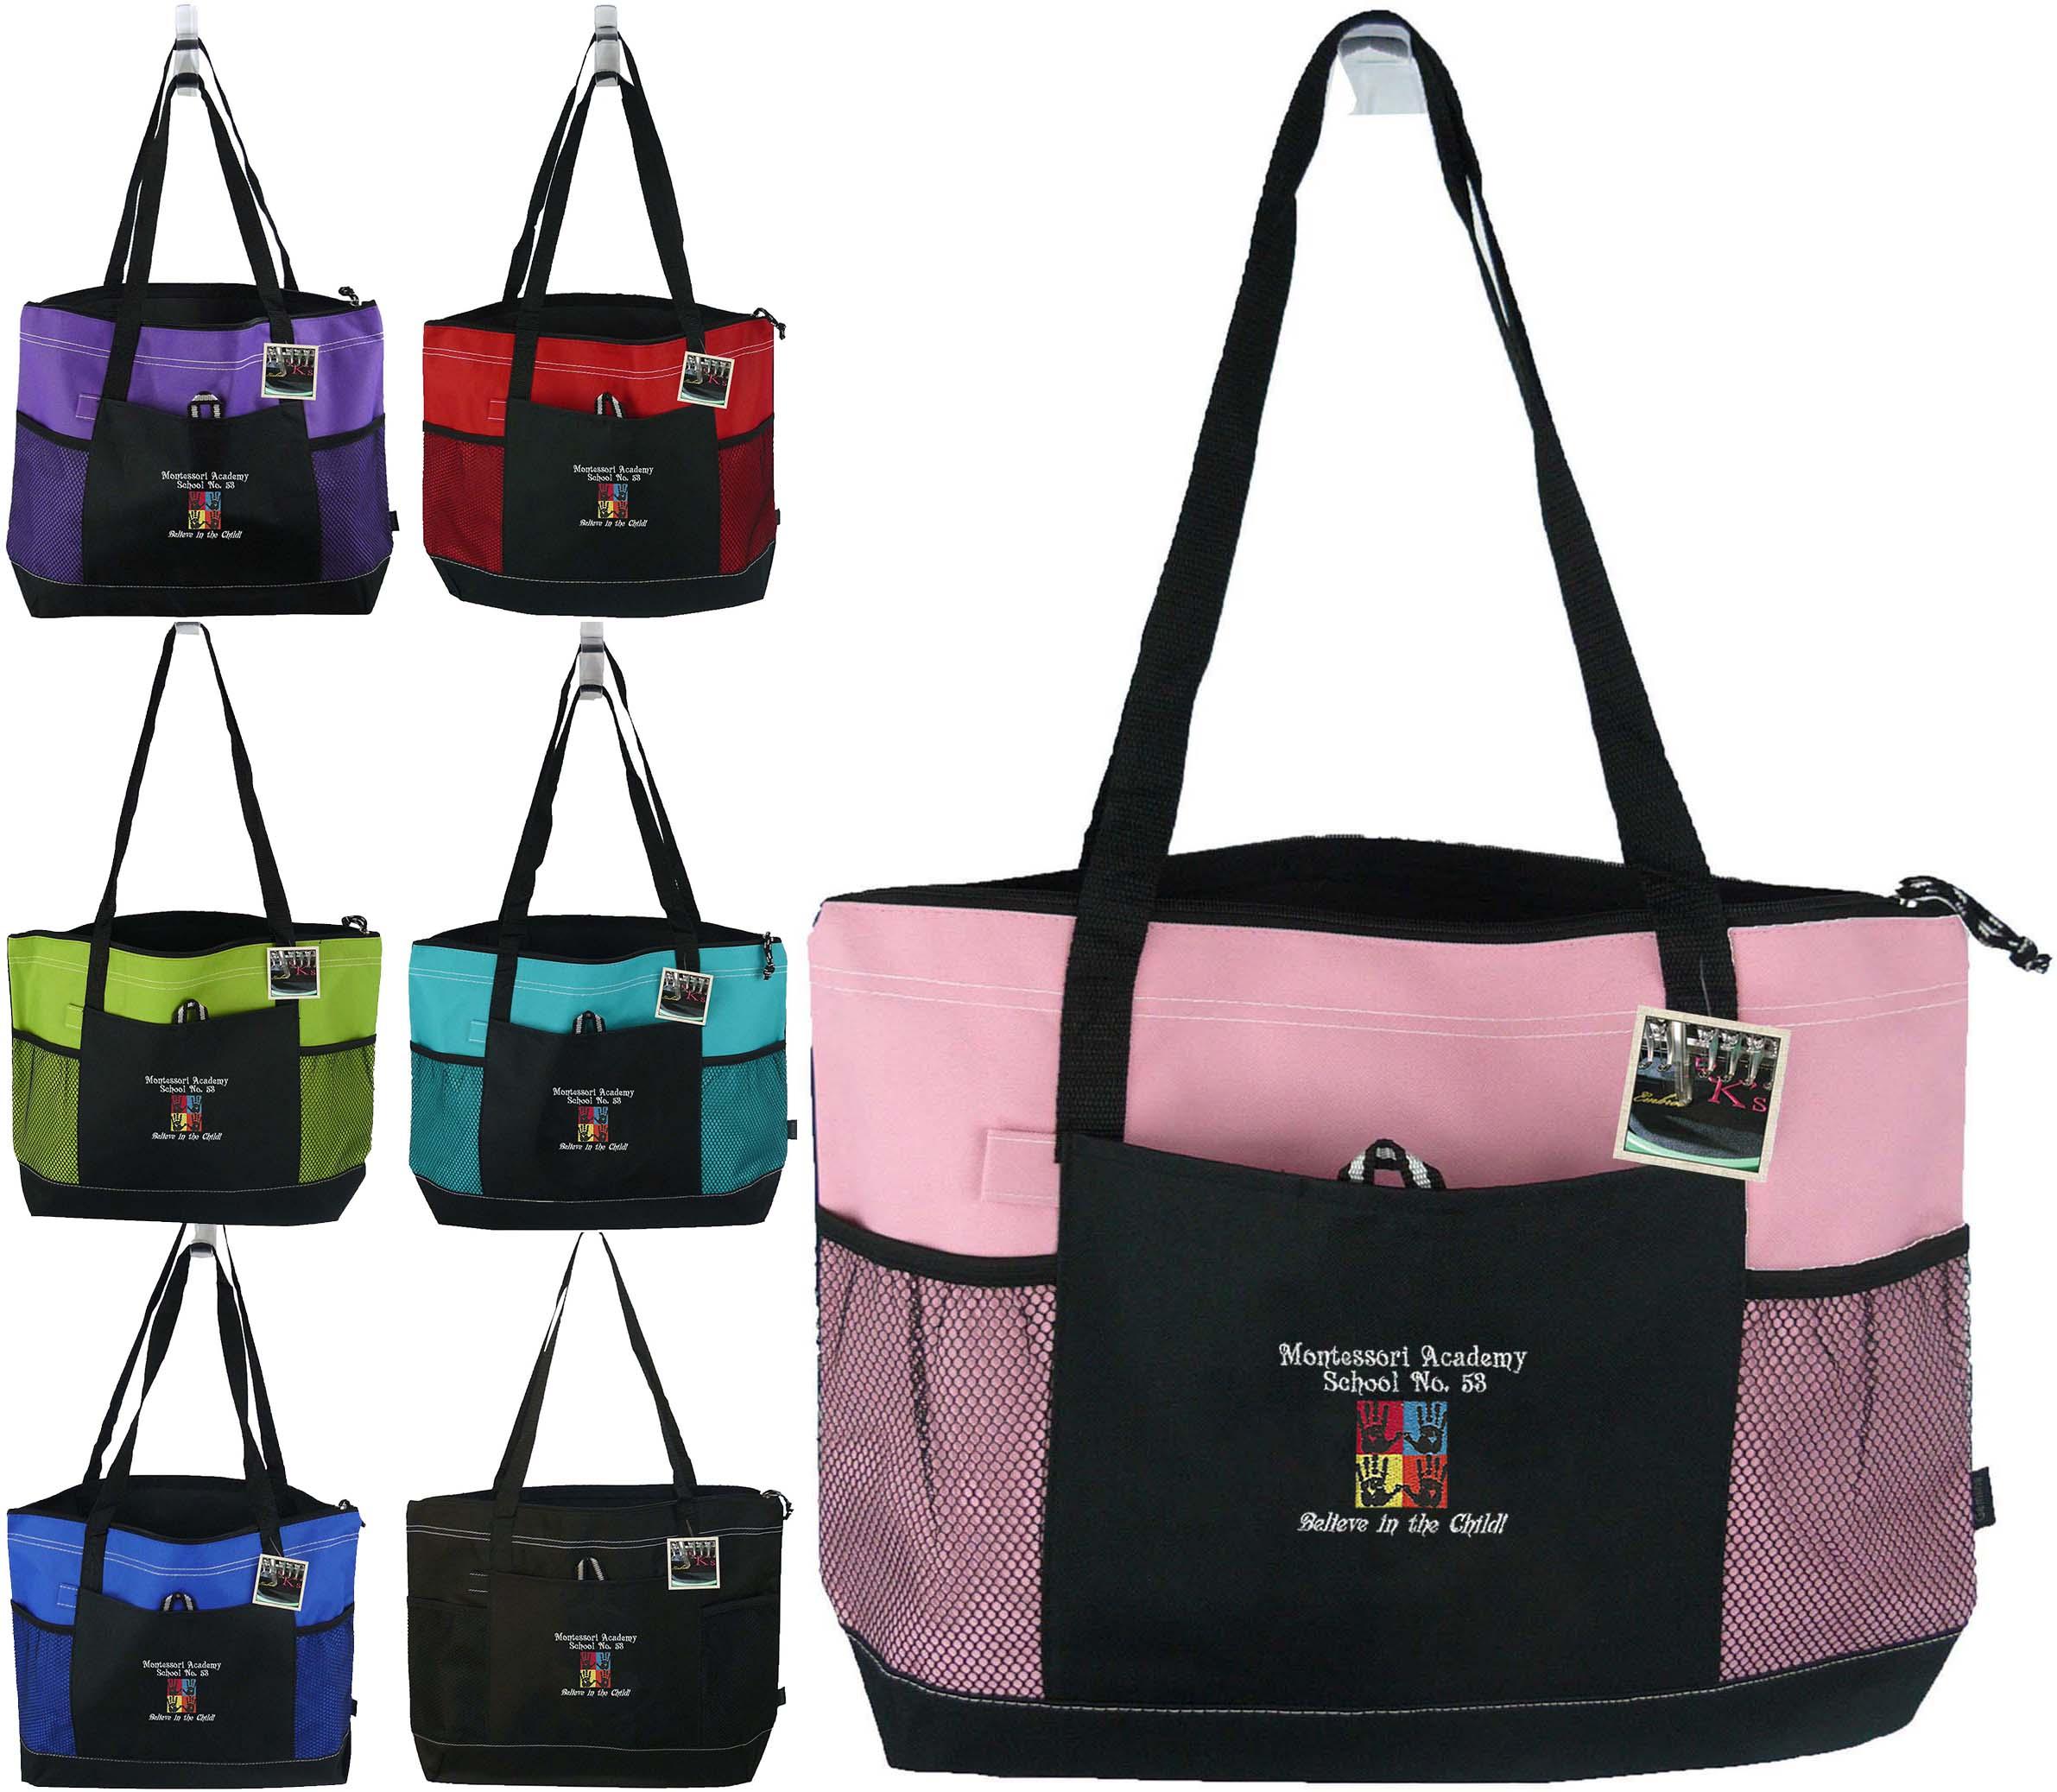 75dc2d7a92a Montessori Academy Gemline Select Zipper Tote Bag — RK's Boutique